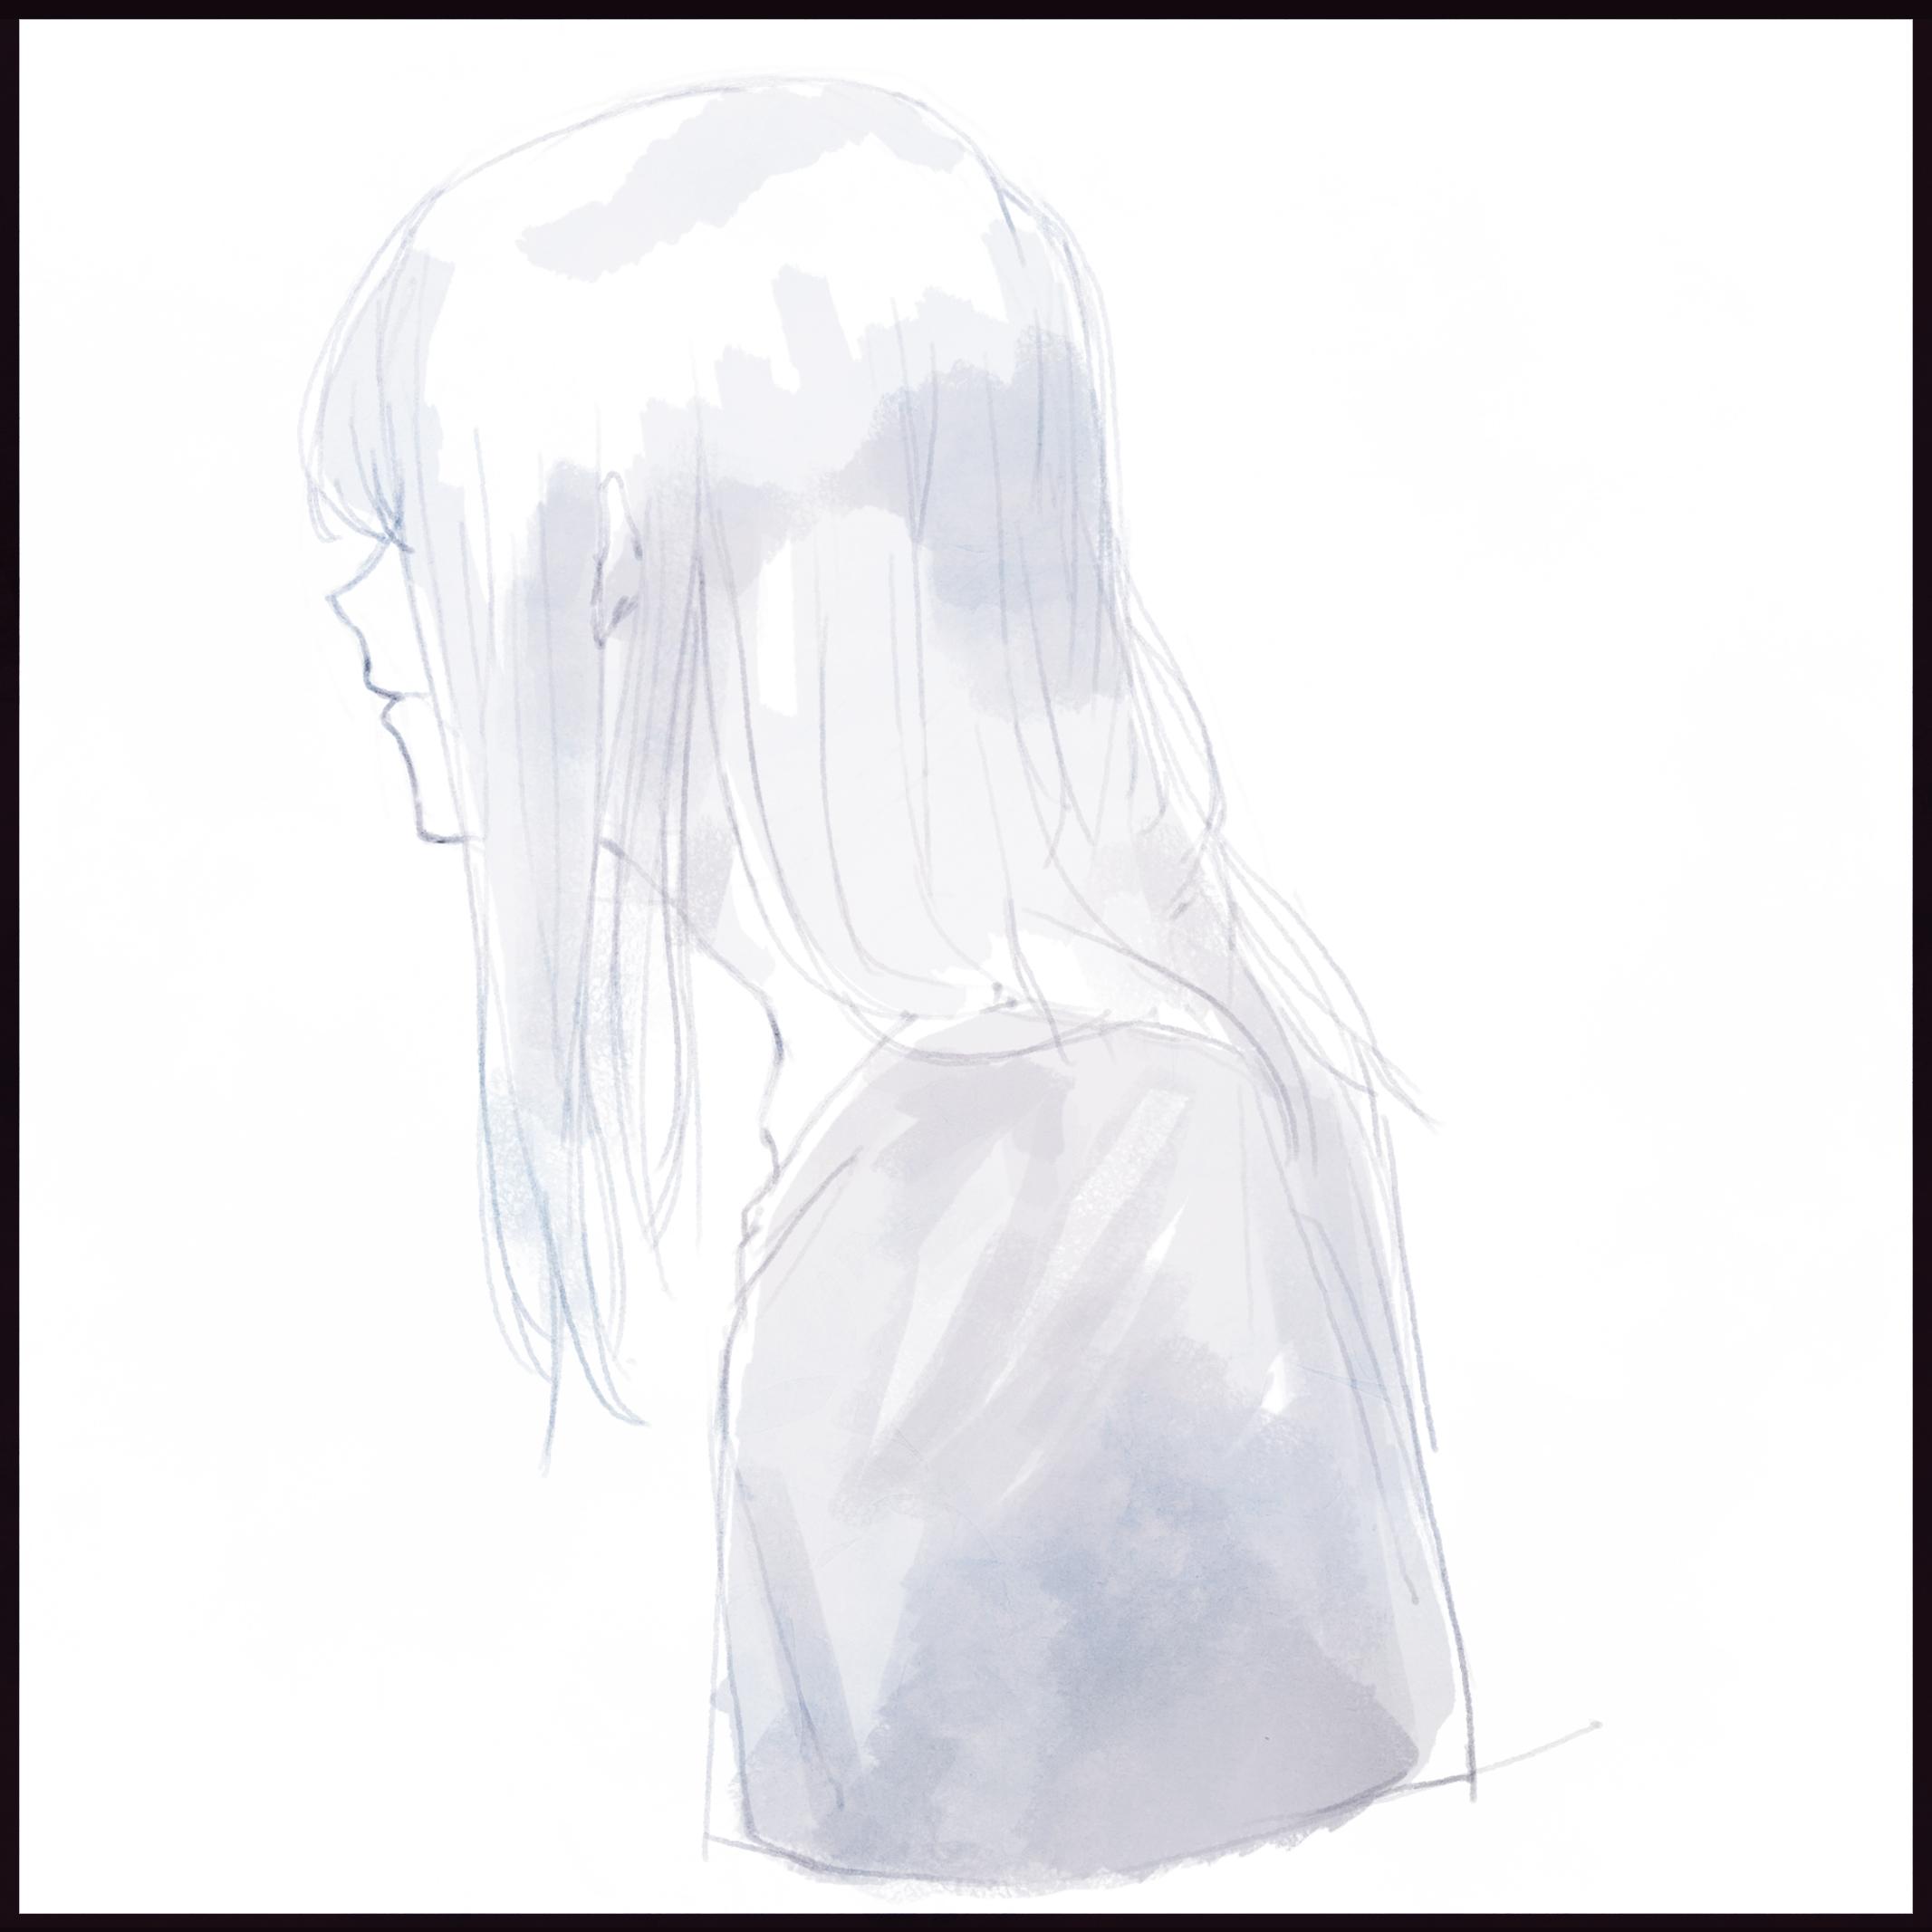 プロフィール_絵